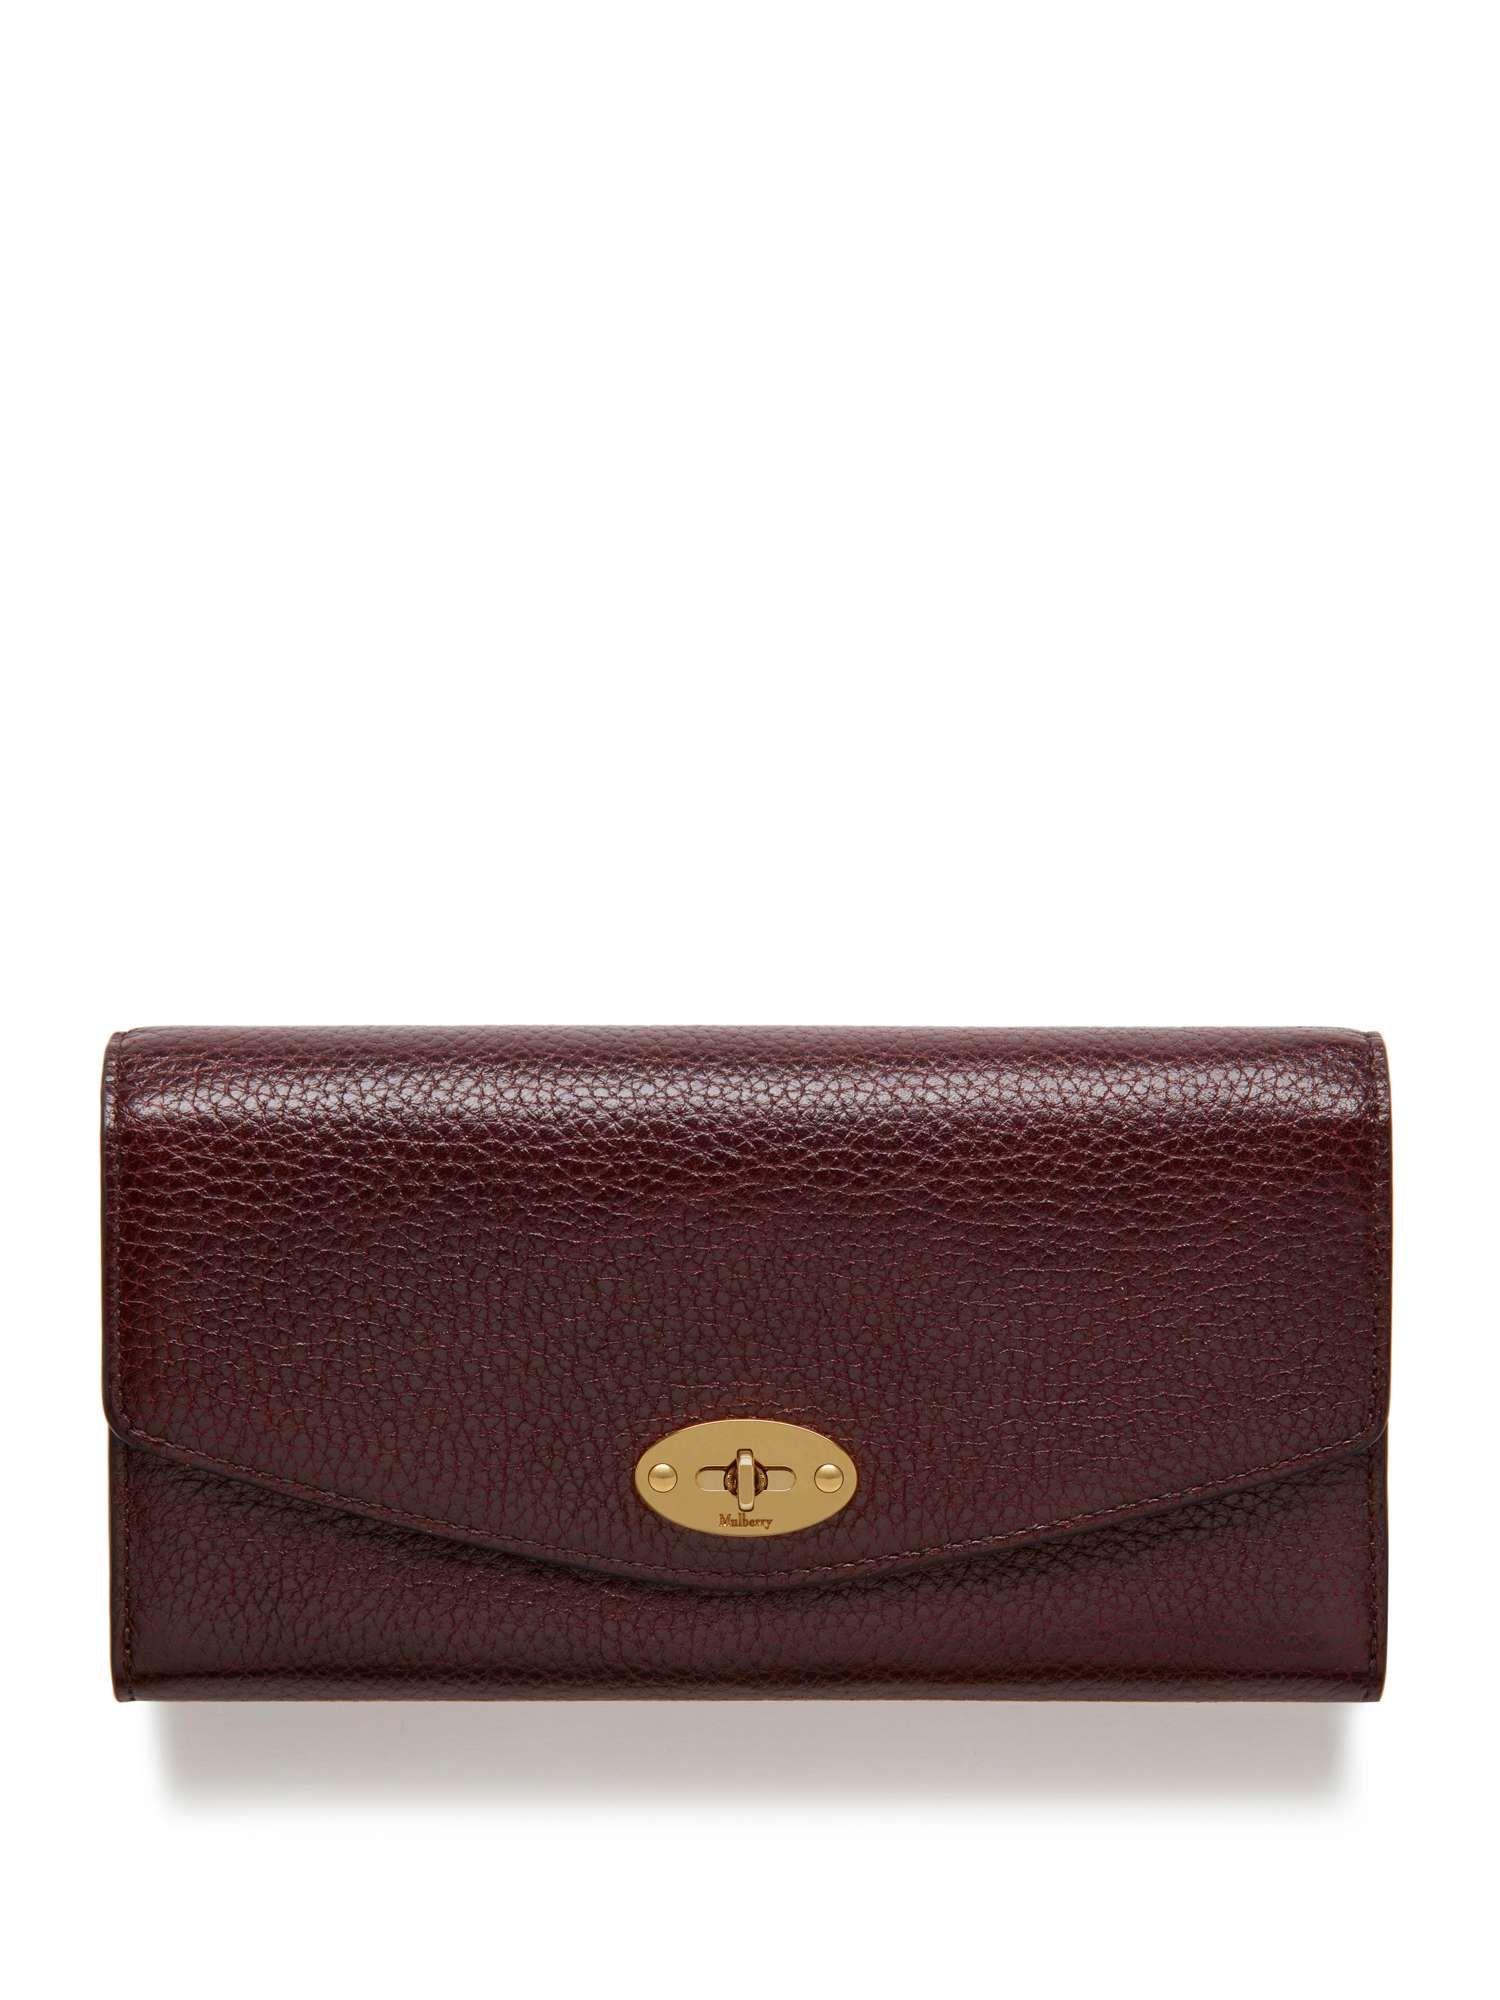 ... shoulder bag grey f32c8 af0b8  best buy your mulberry postmans lock  wallet online now at house of fraser. why c688a 5fc1af94170d2